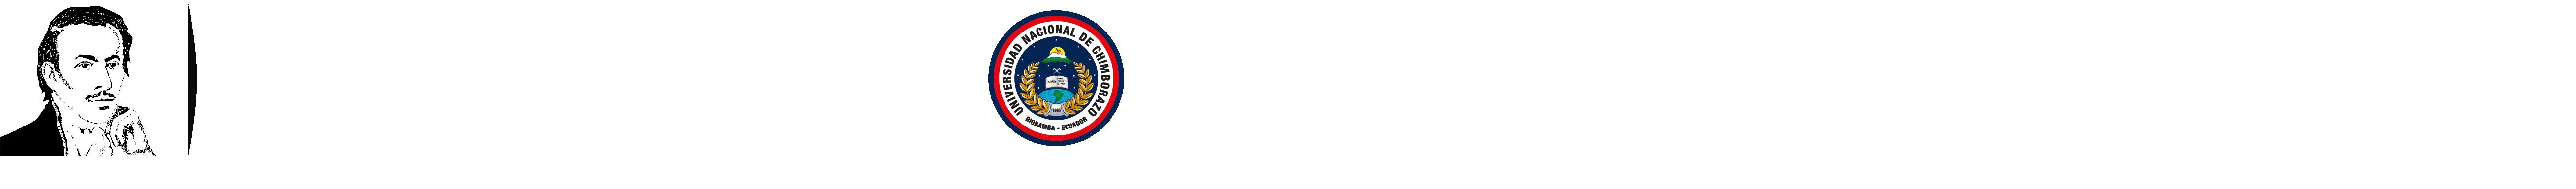 http://www.unach.edu.ec/